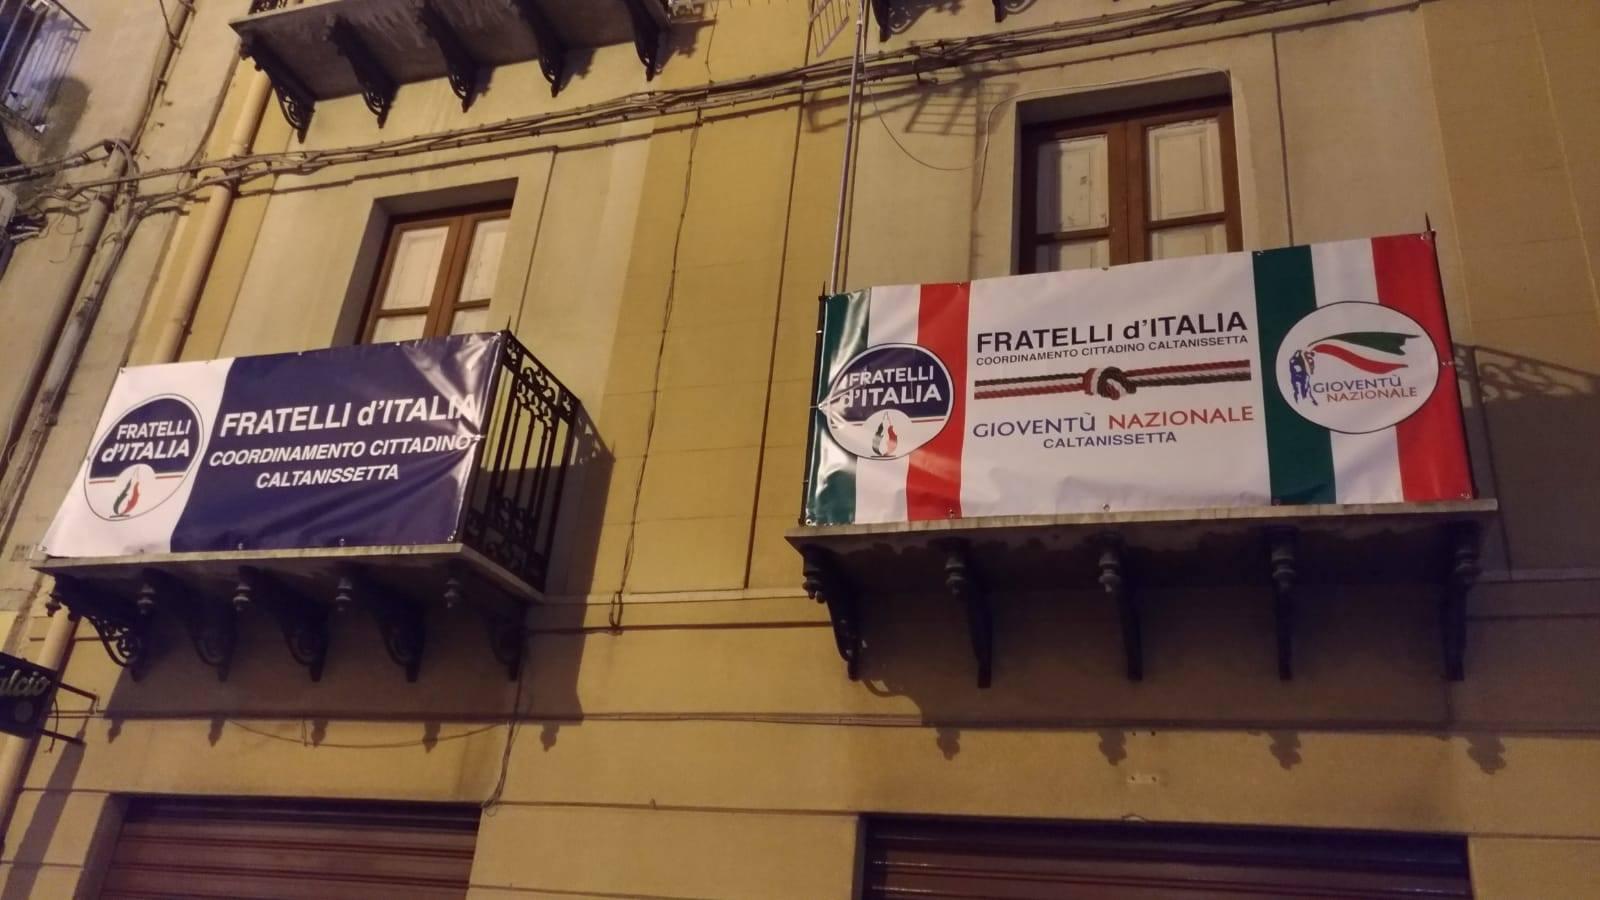 Fratelli dItalia Caltanissetta